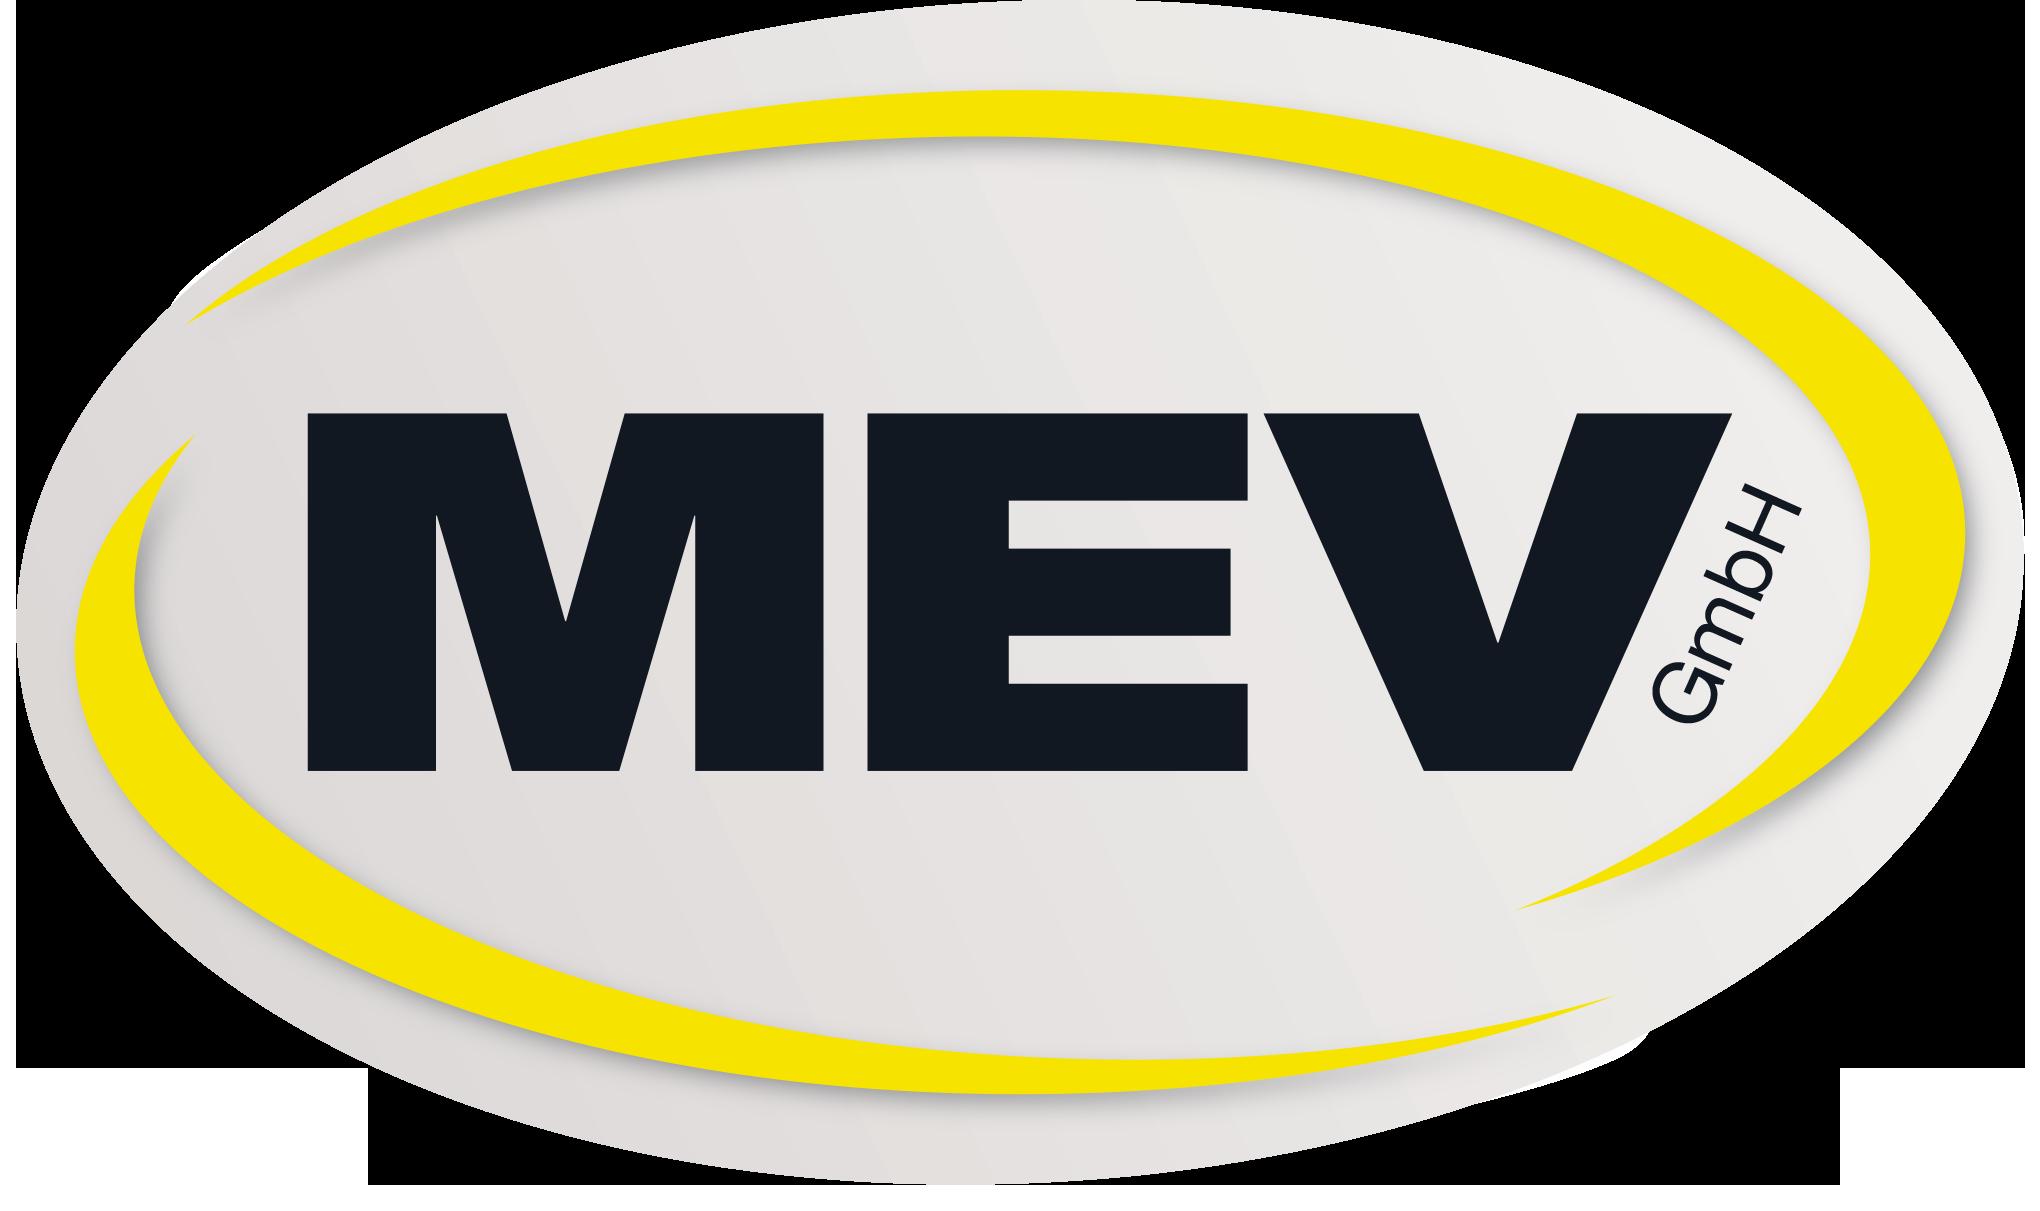 MEV GmbH aus Grödig in Salzburg | Firma MEV GmbH produziert und handelt mit Land- und Forstmaschinen. Dungstreuer, Forstwägen und Viehtransporter werden zu 100% in Österreich gefertigt